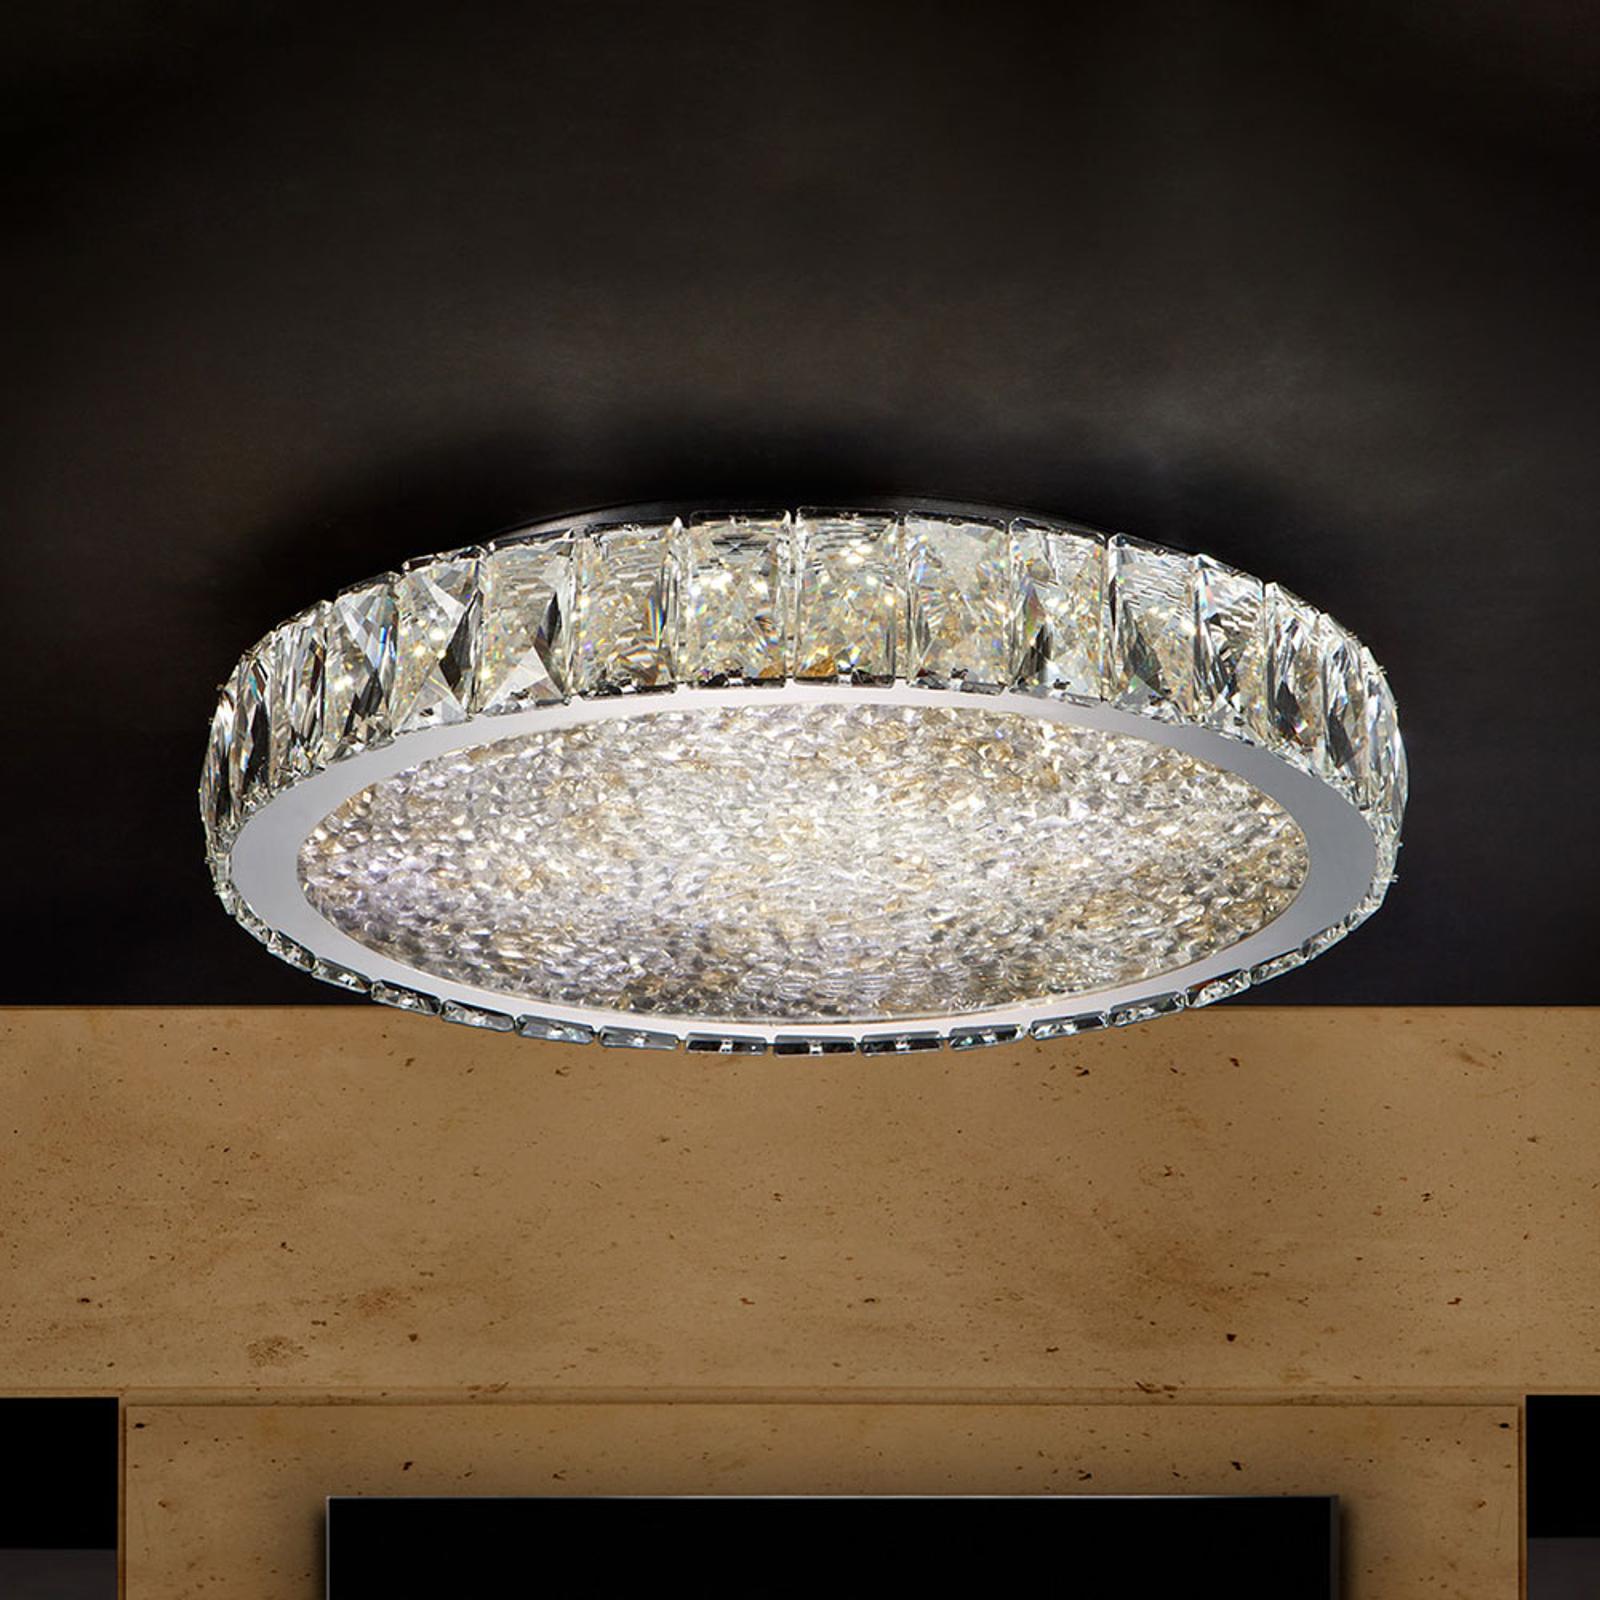 Lampa sufitowa LED Dana z kryształami Ø 39cm